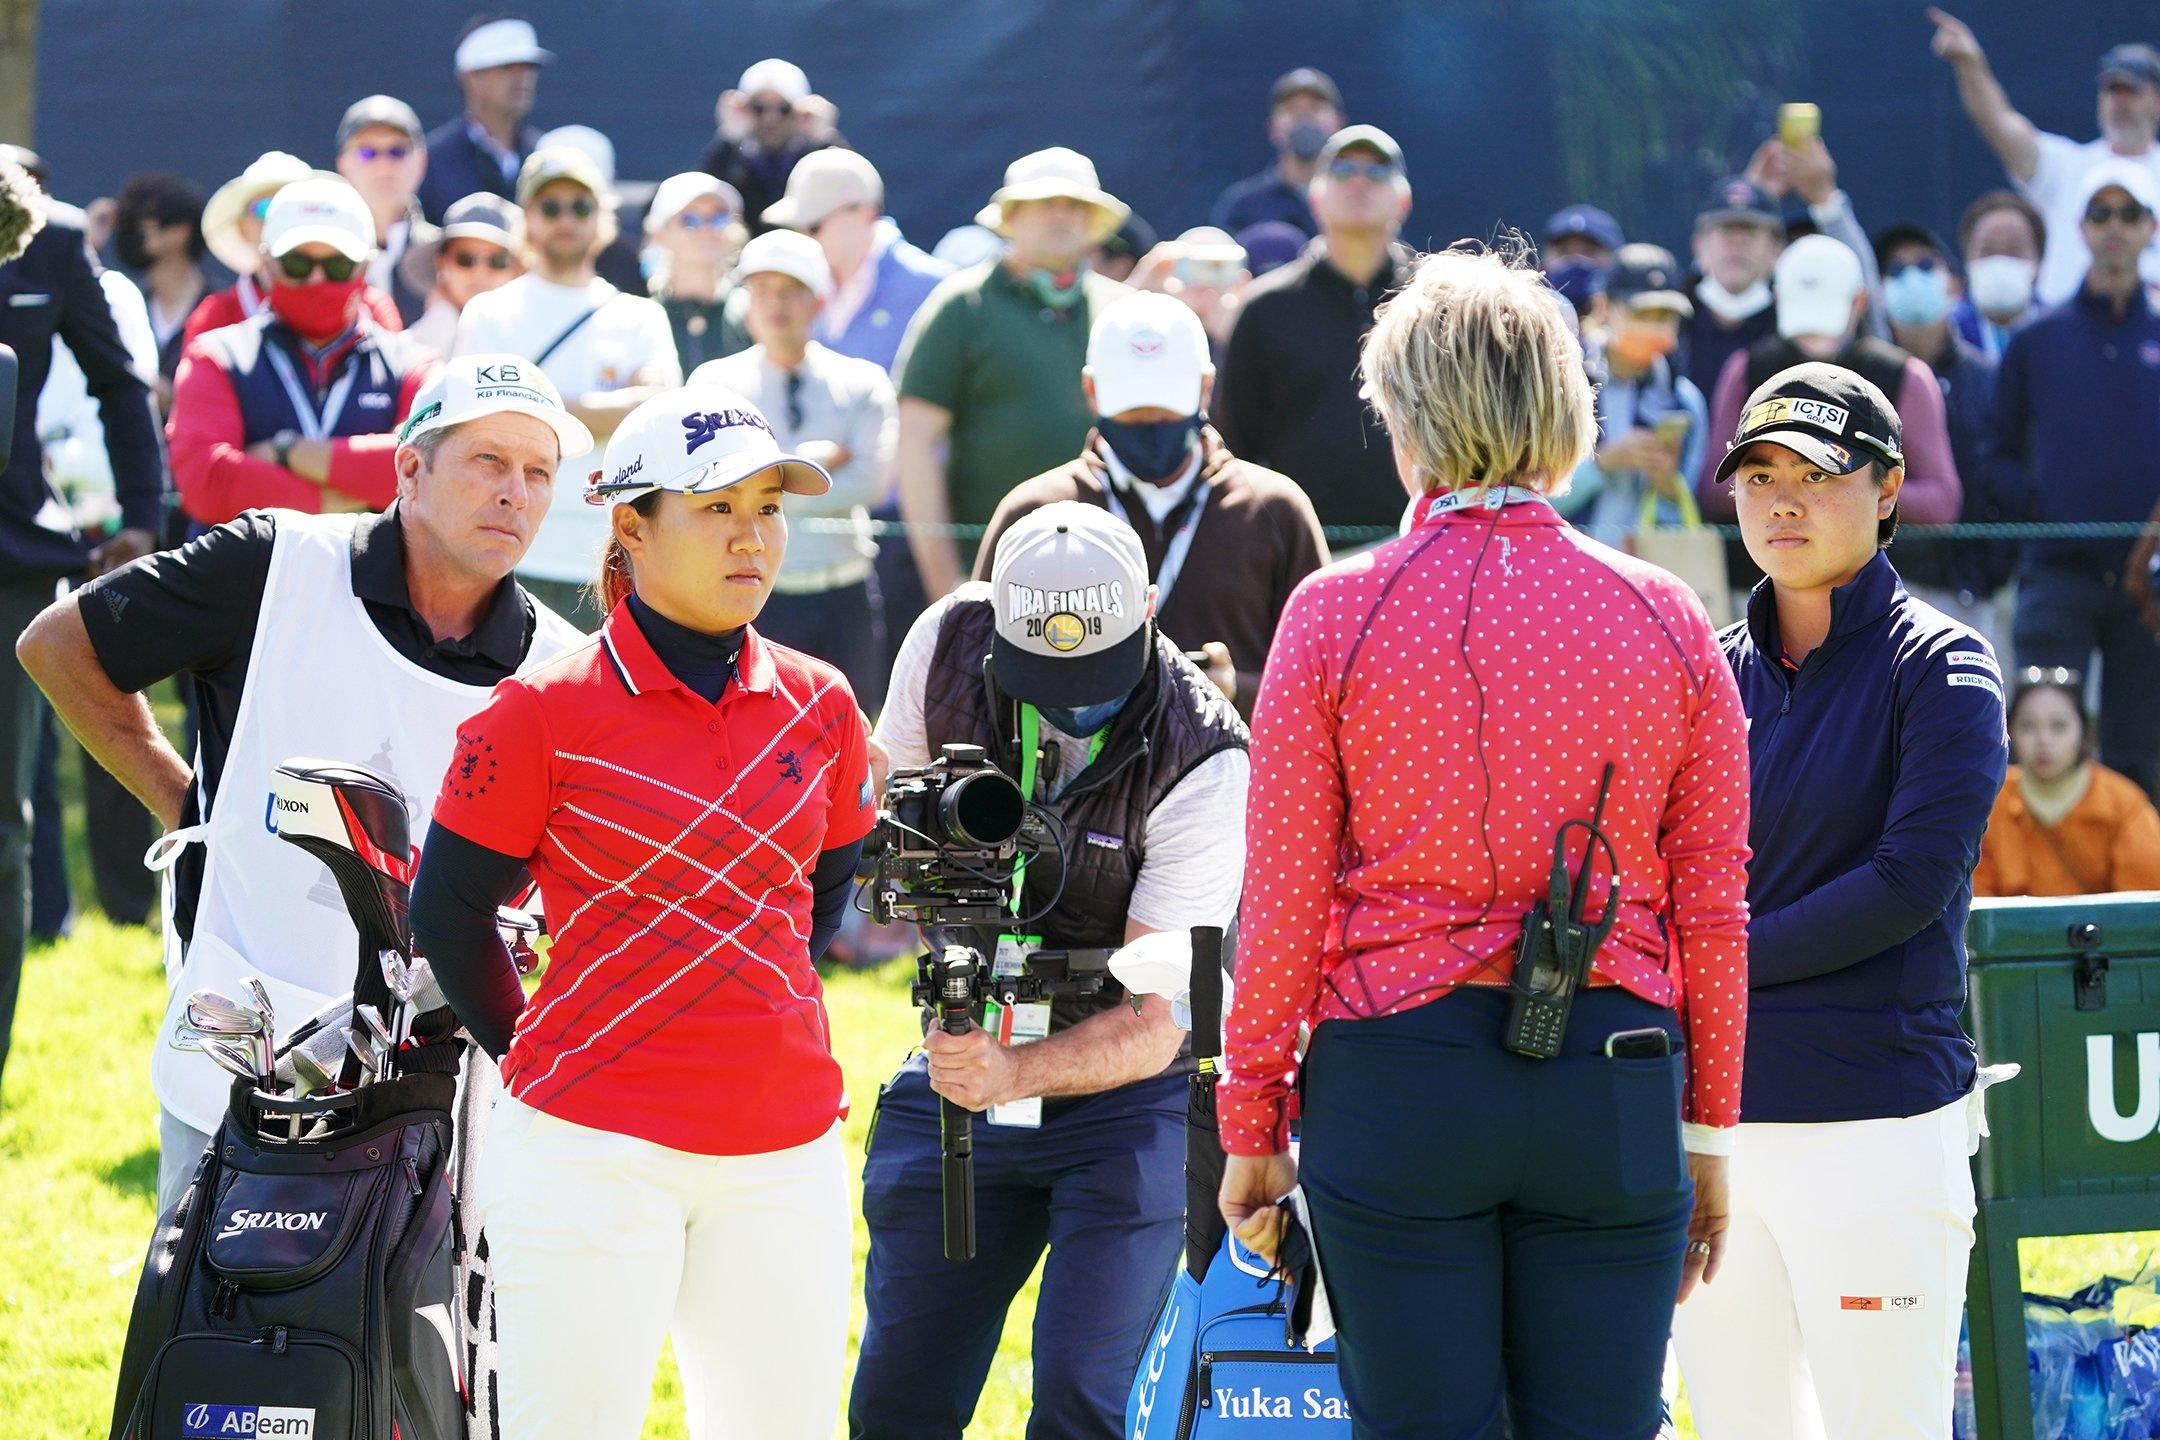 プレーオフ前に説明を受ける2人。メジャー最難関と呼ばれる全米女子オープンを盛り上げた ©︎Shizuka Minami